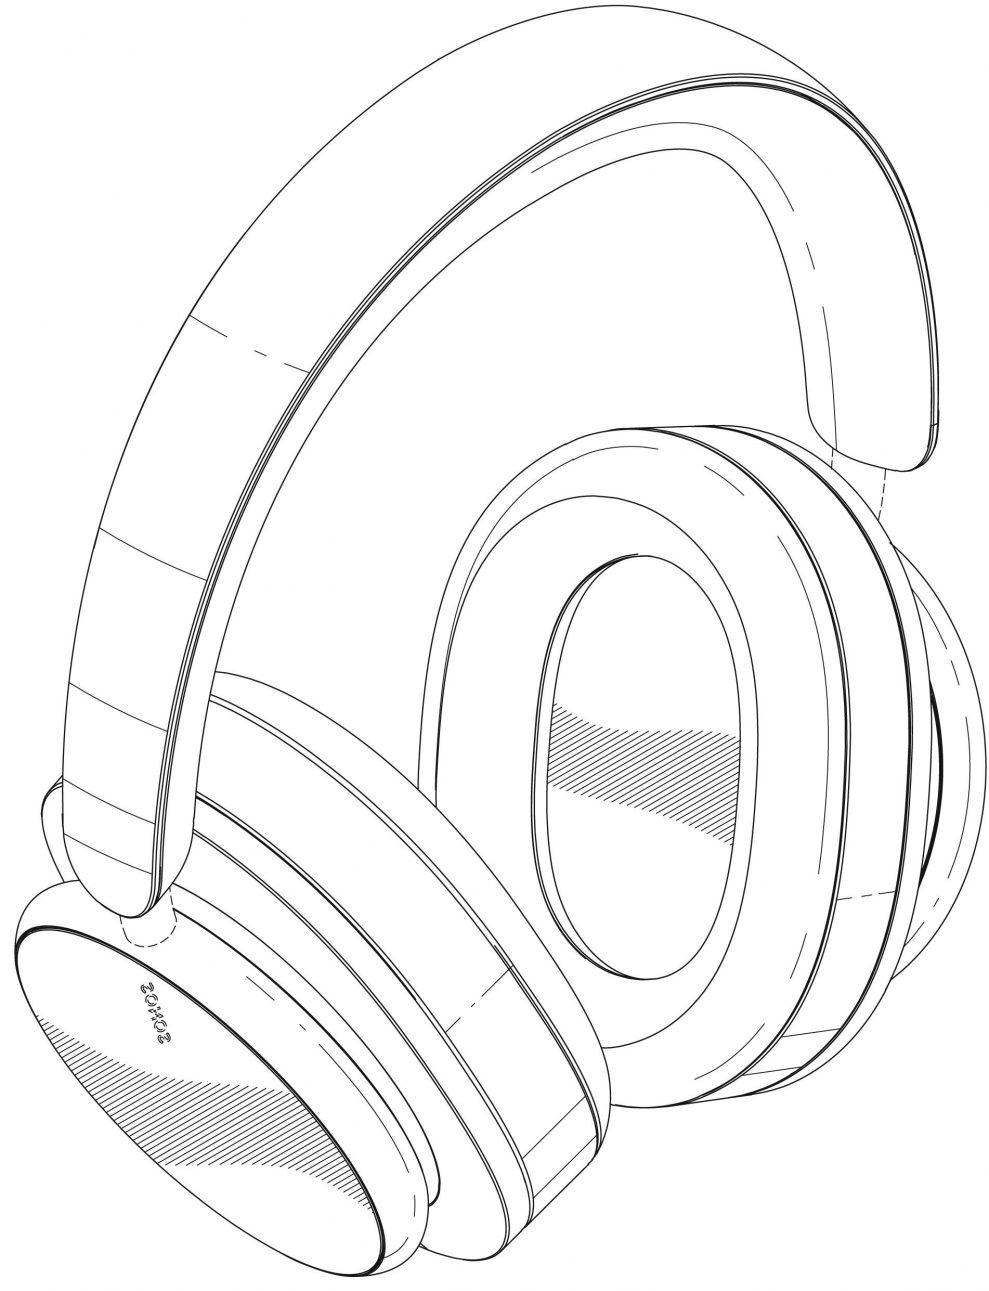 Sonos-headphones-1-989x1291